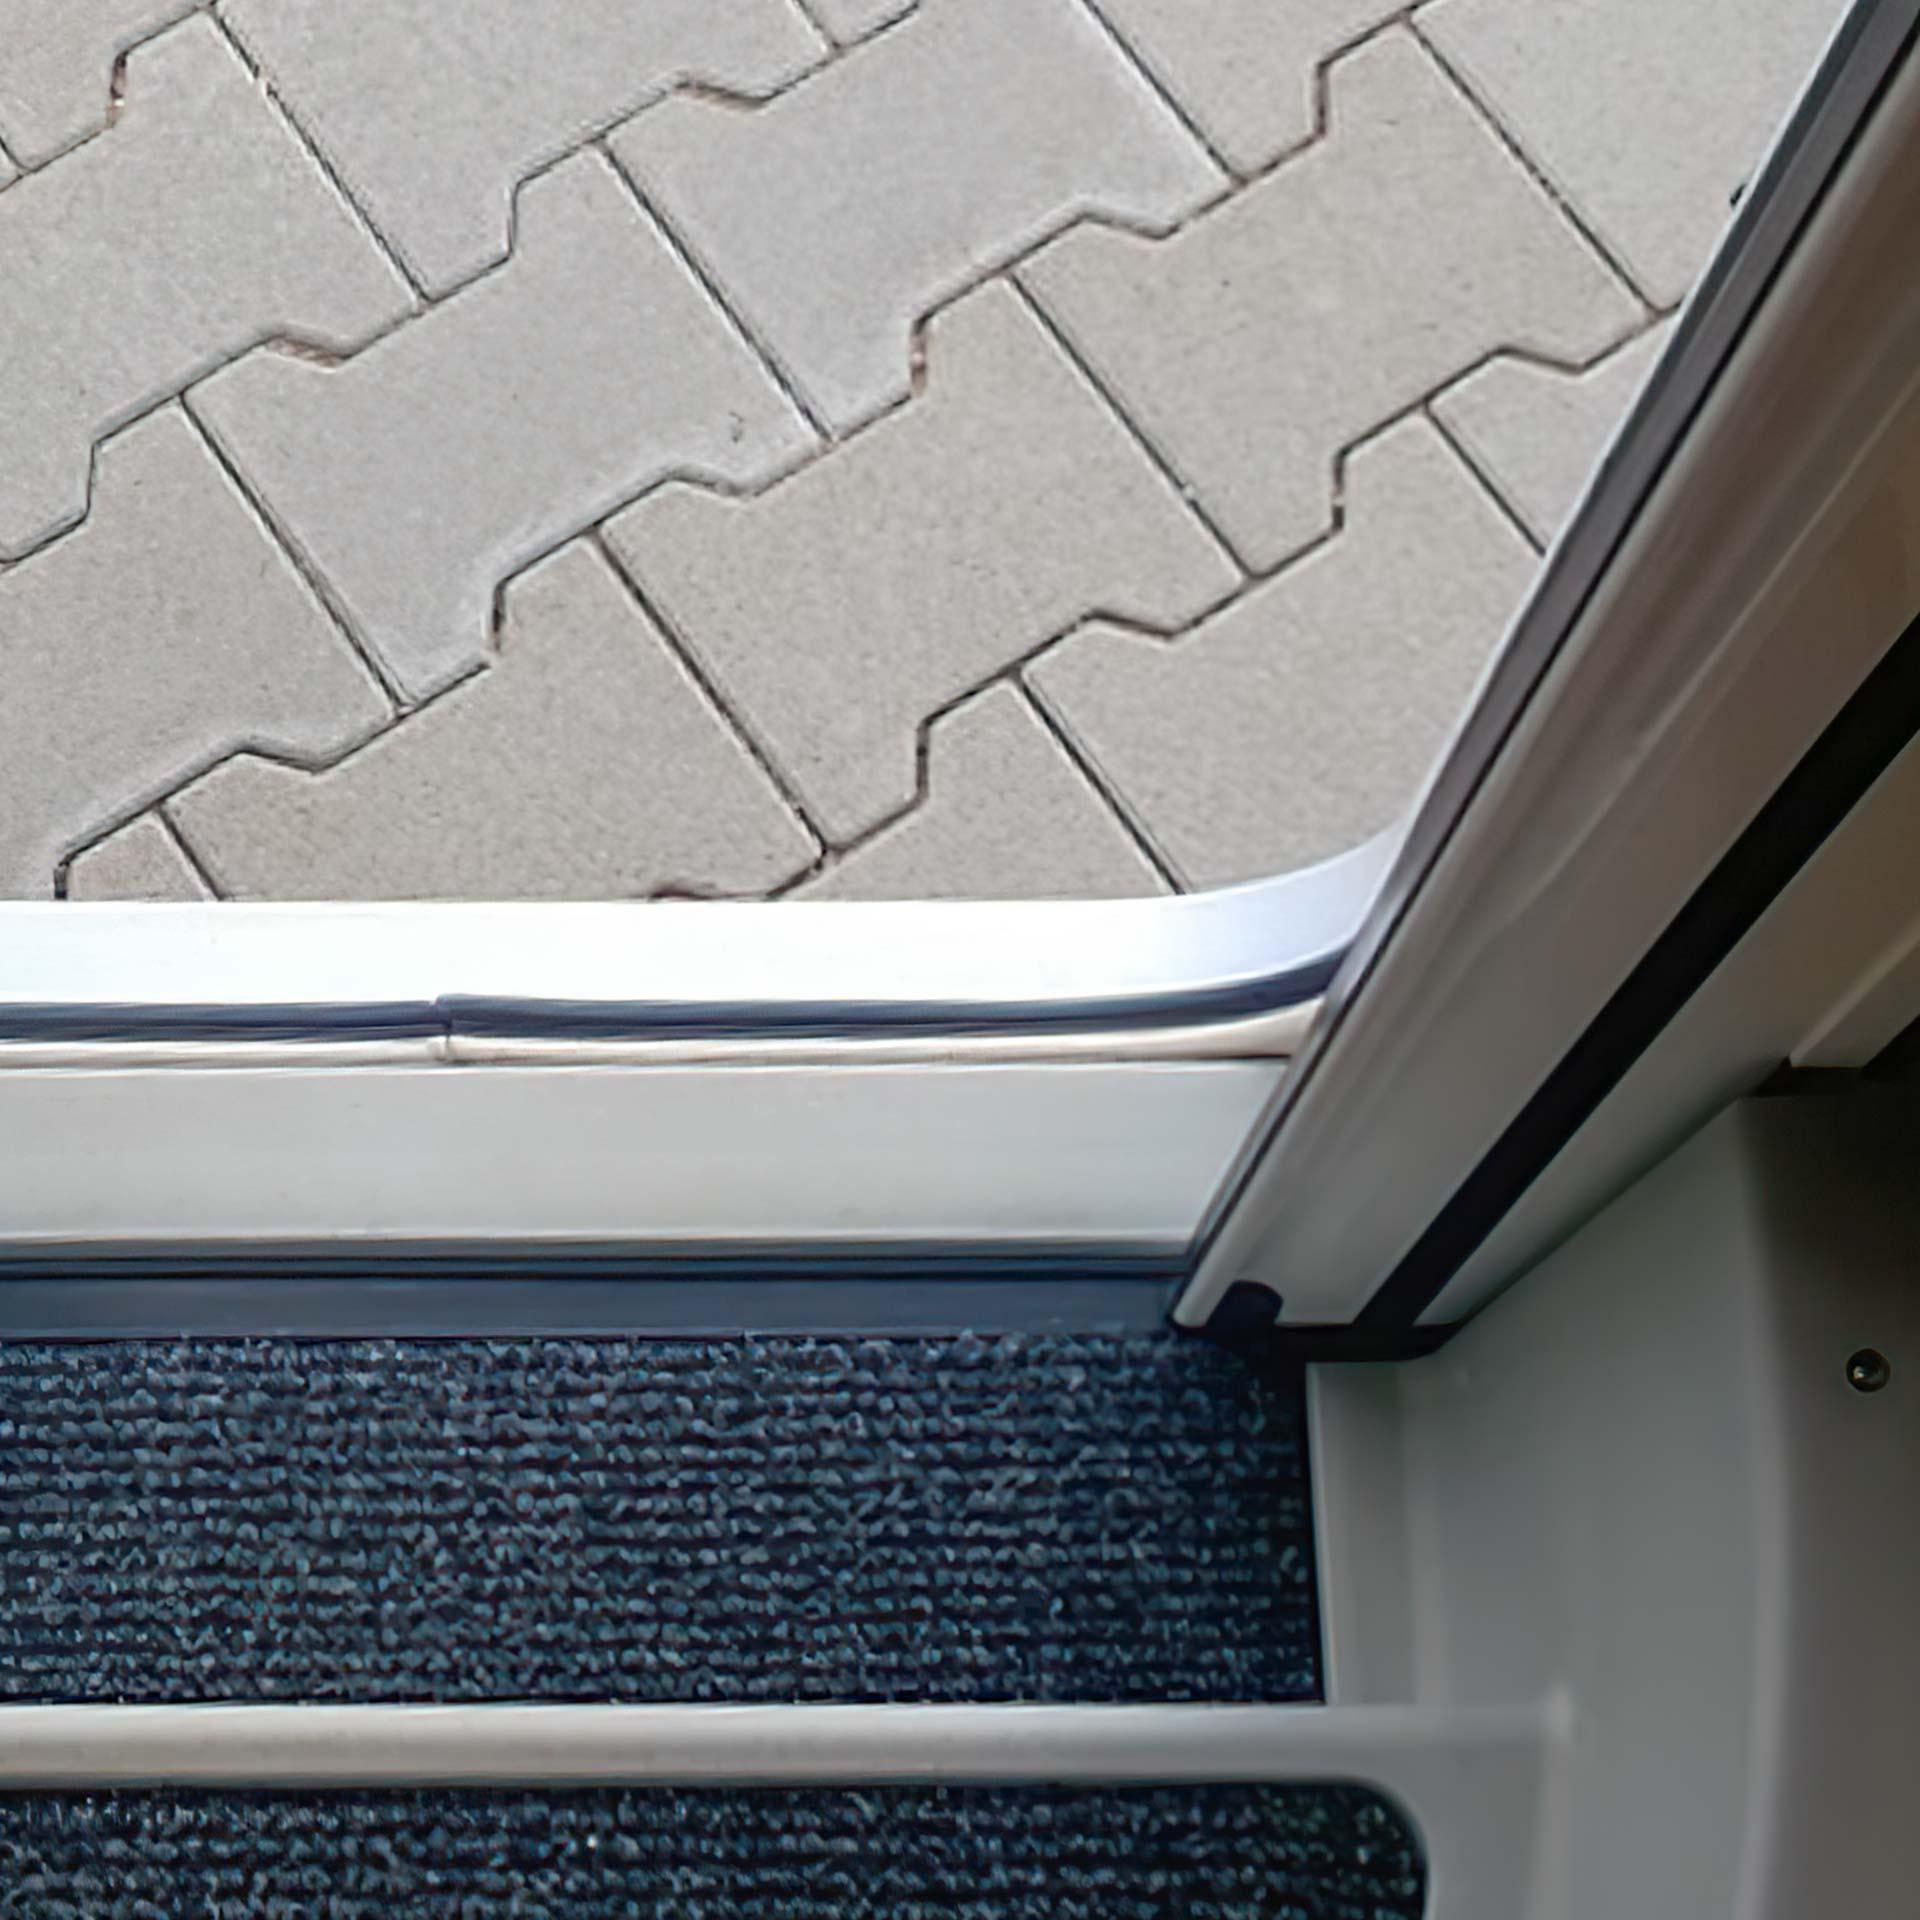 Insektenschutz-Plisseetür für Wohnmobile | bei 18 bis 22 mm Platz | Slimline18